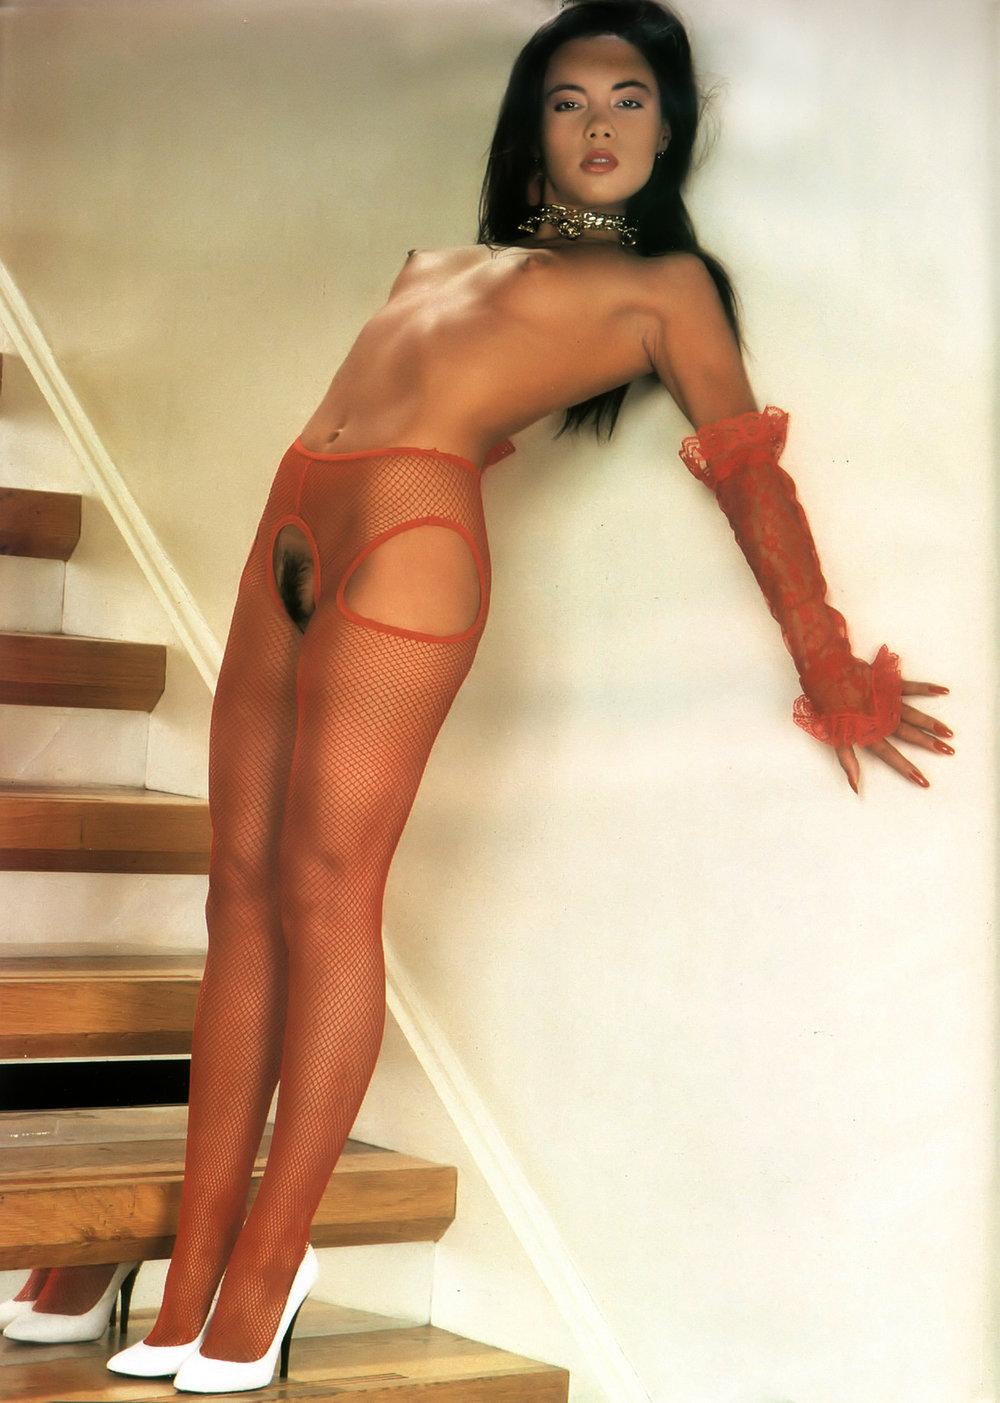 girl posing on stairs 09.jpg